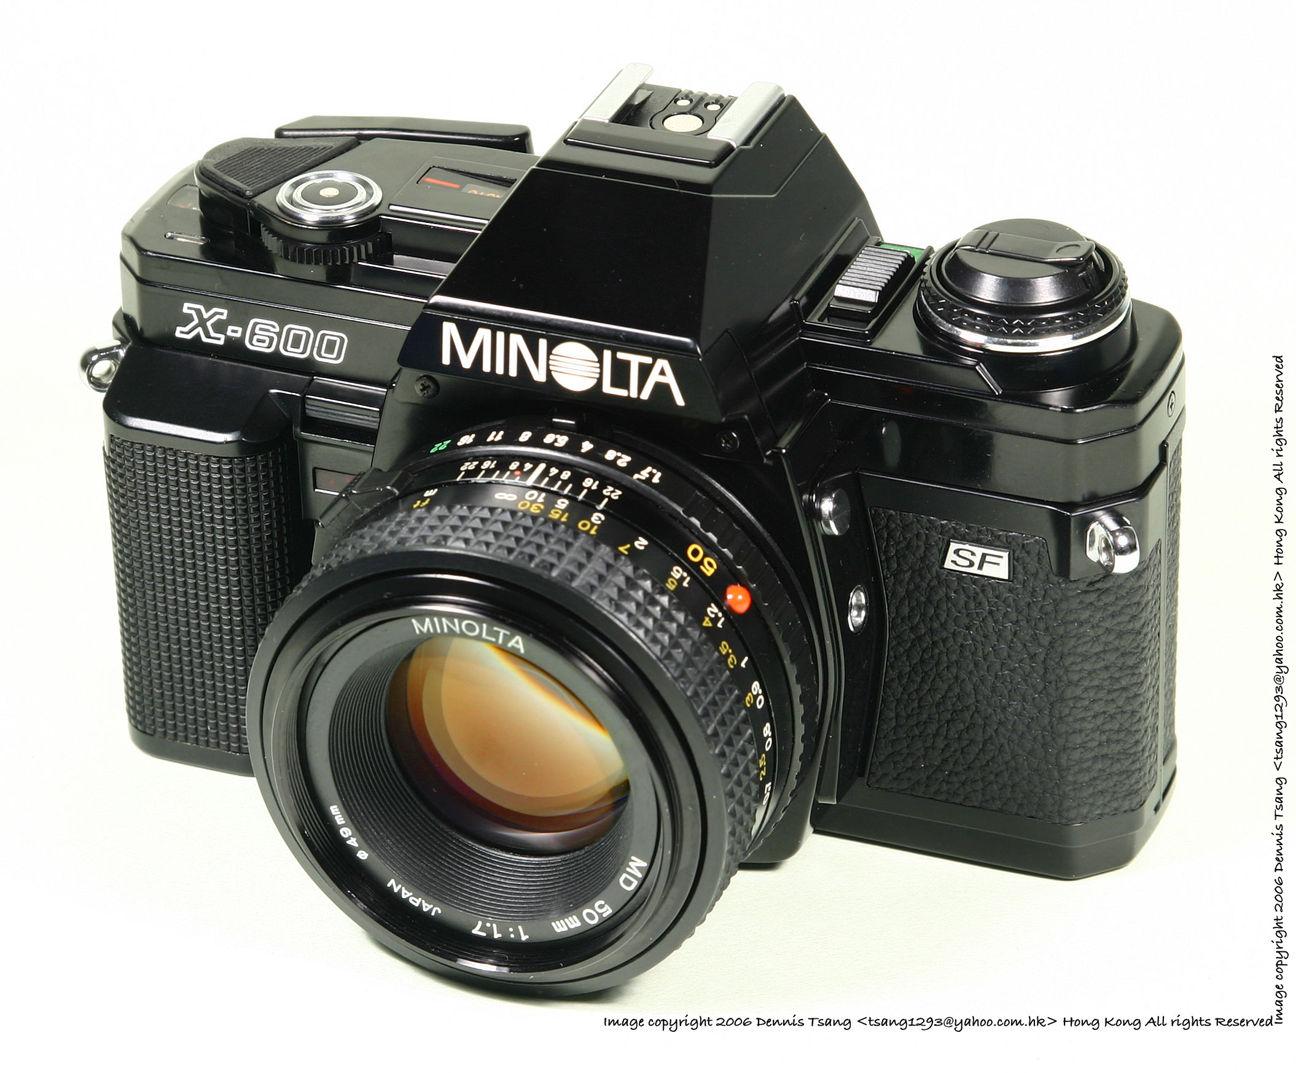 Minolta X-700 SLR camera - Index Page